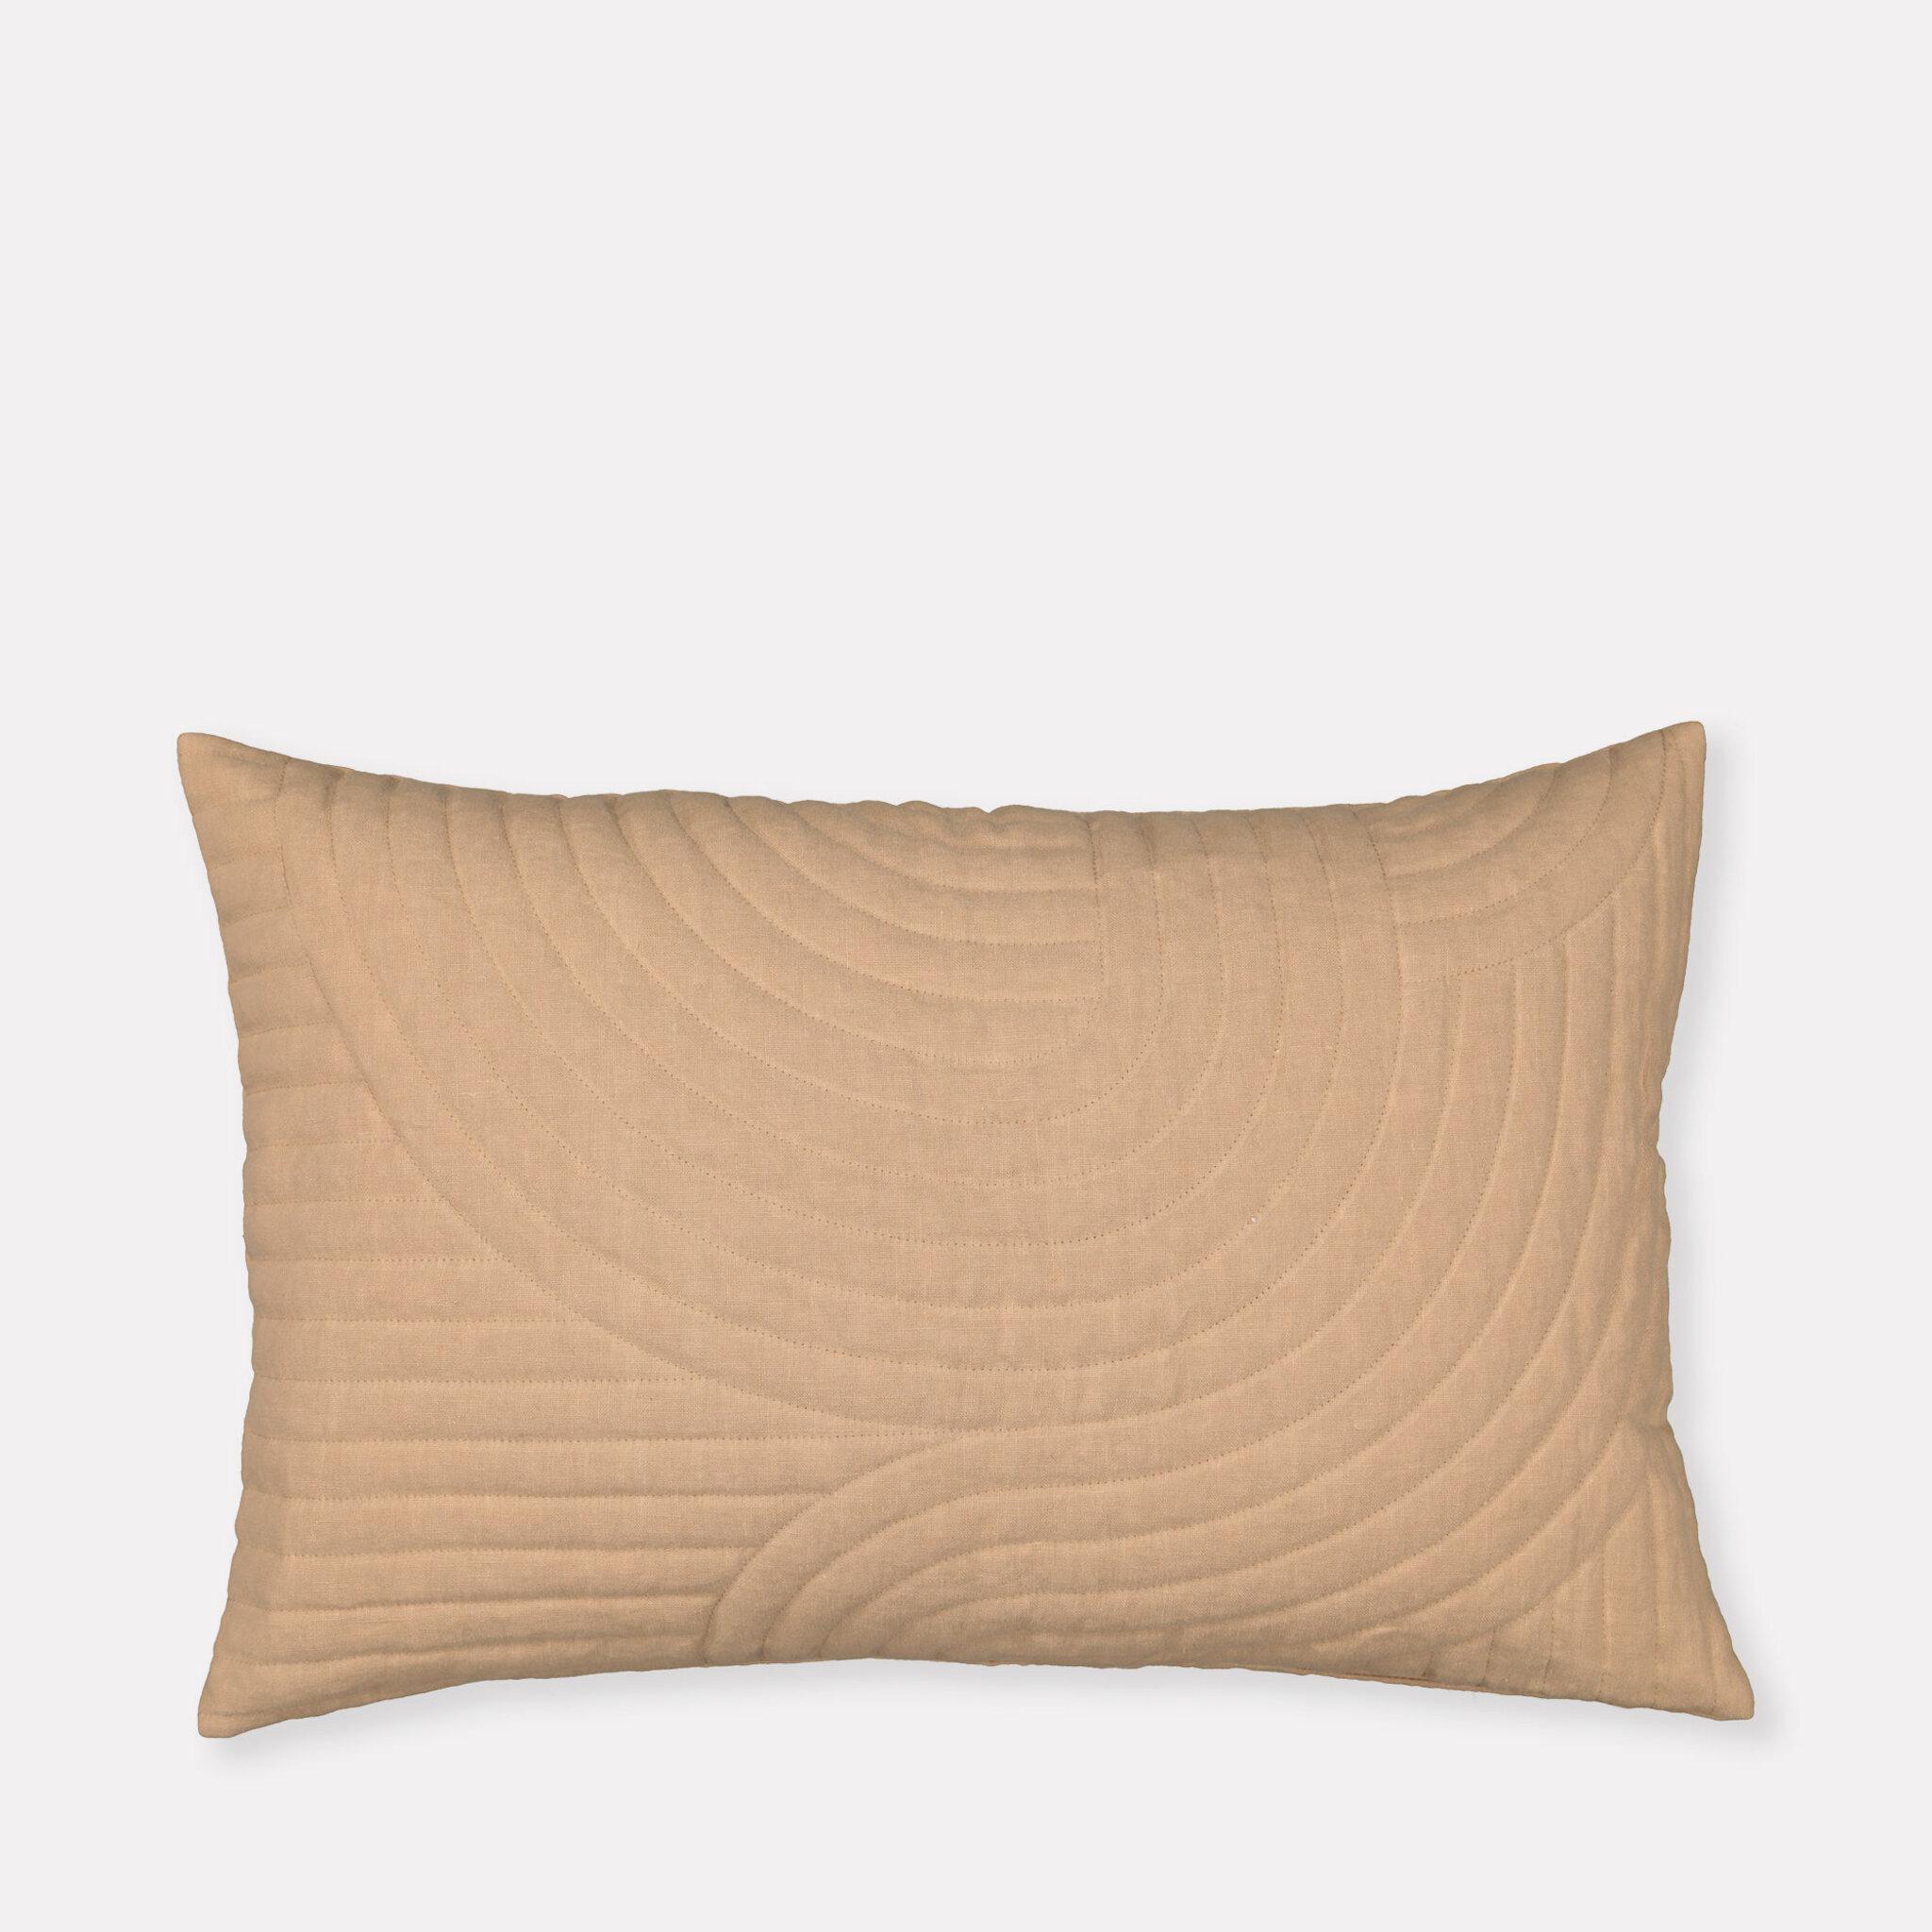 Kuddfodral HENNY 40x60 cm